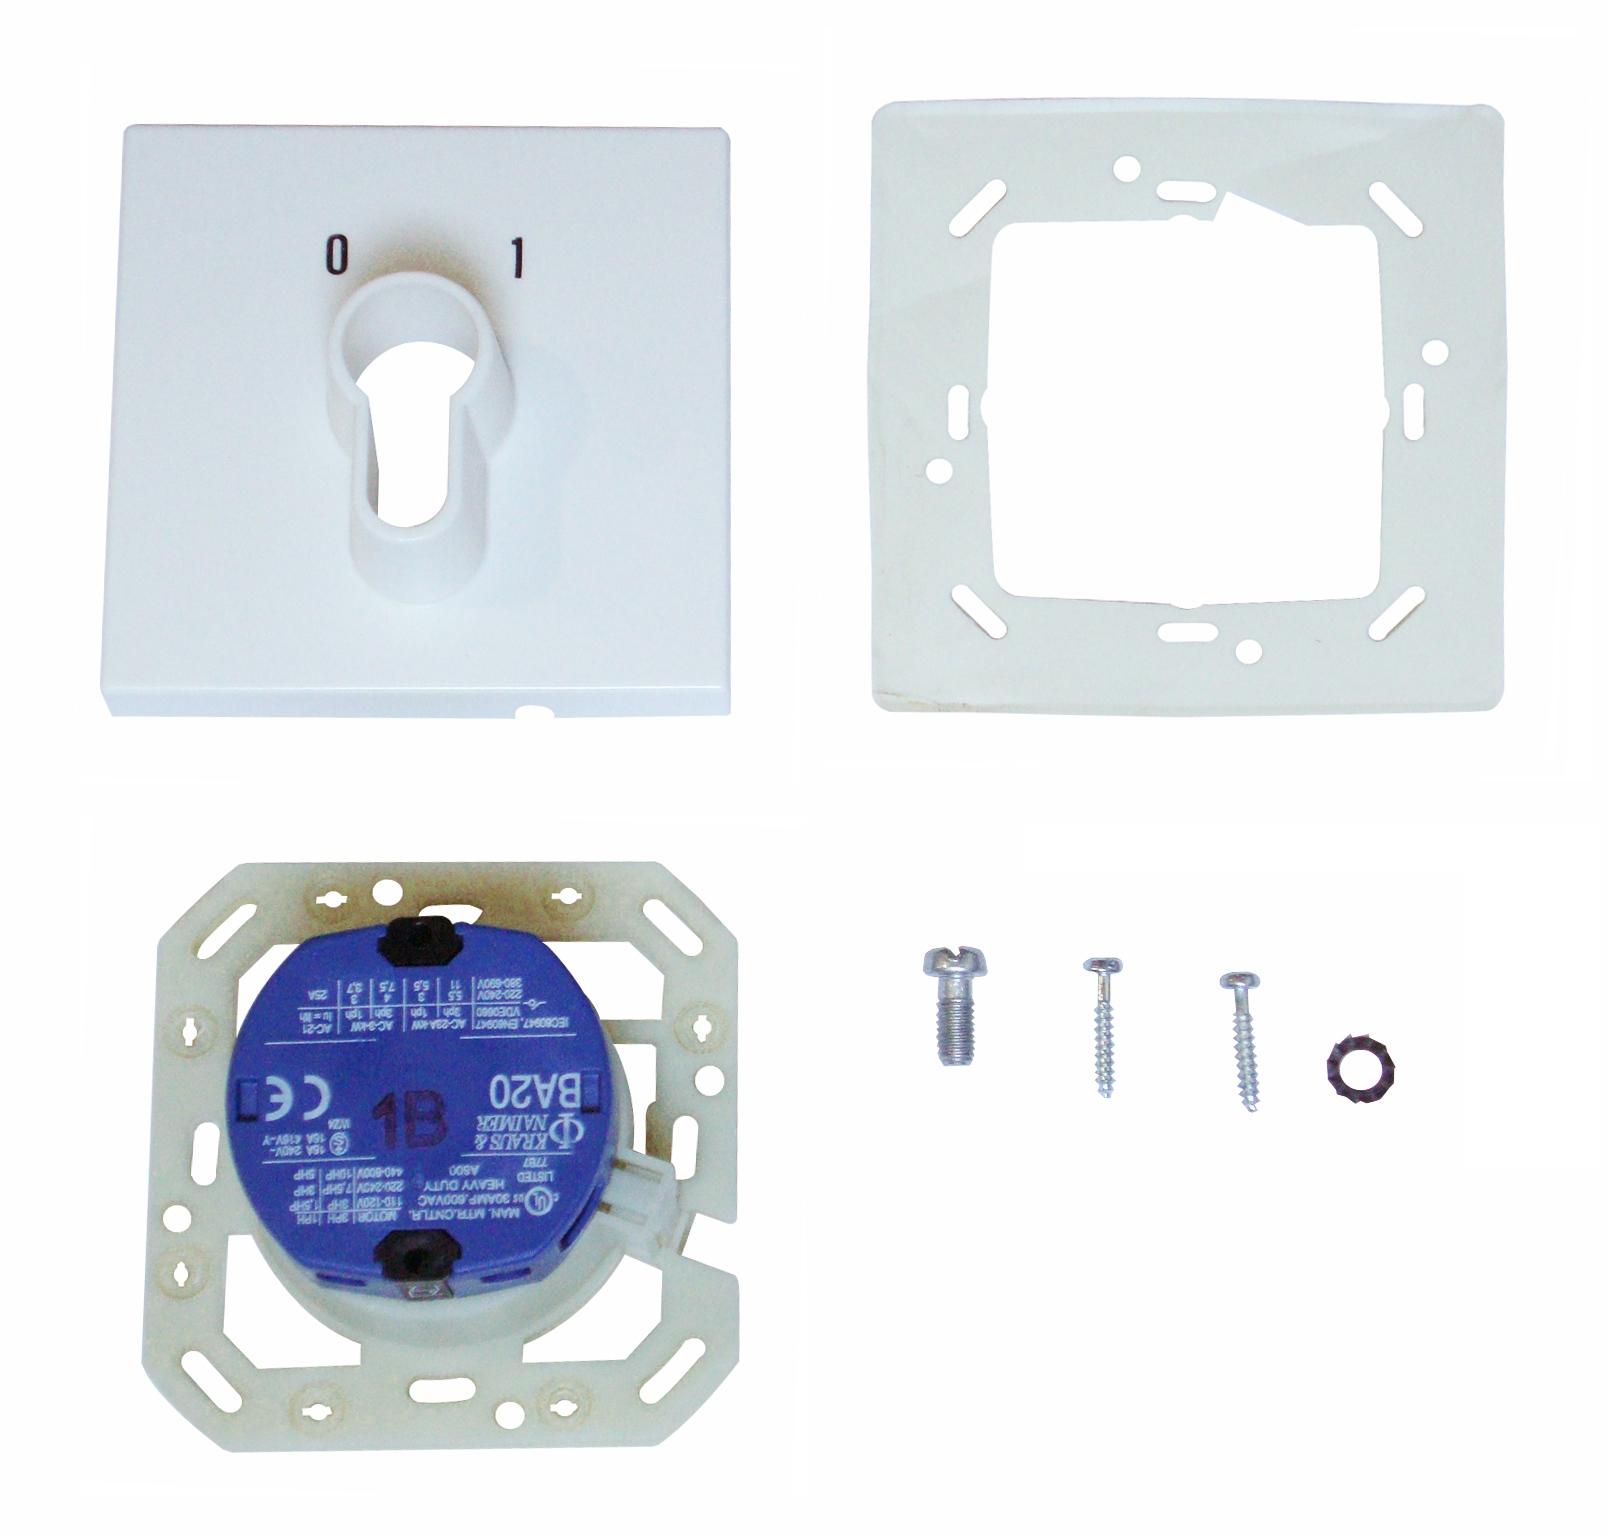 1 Stk UP-Schlüsselschalter 1-polig, 0-1 IN210000--